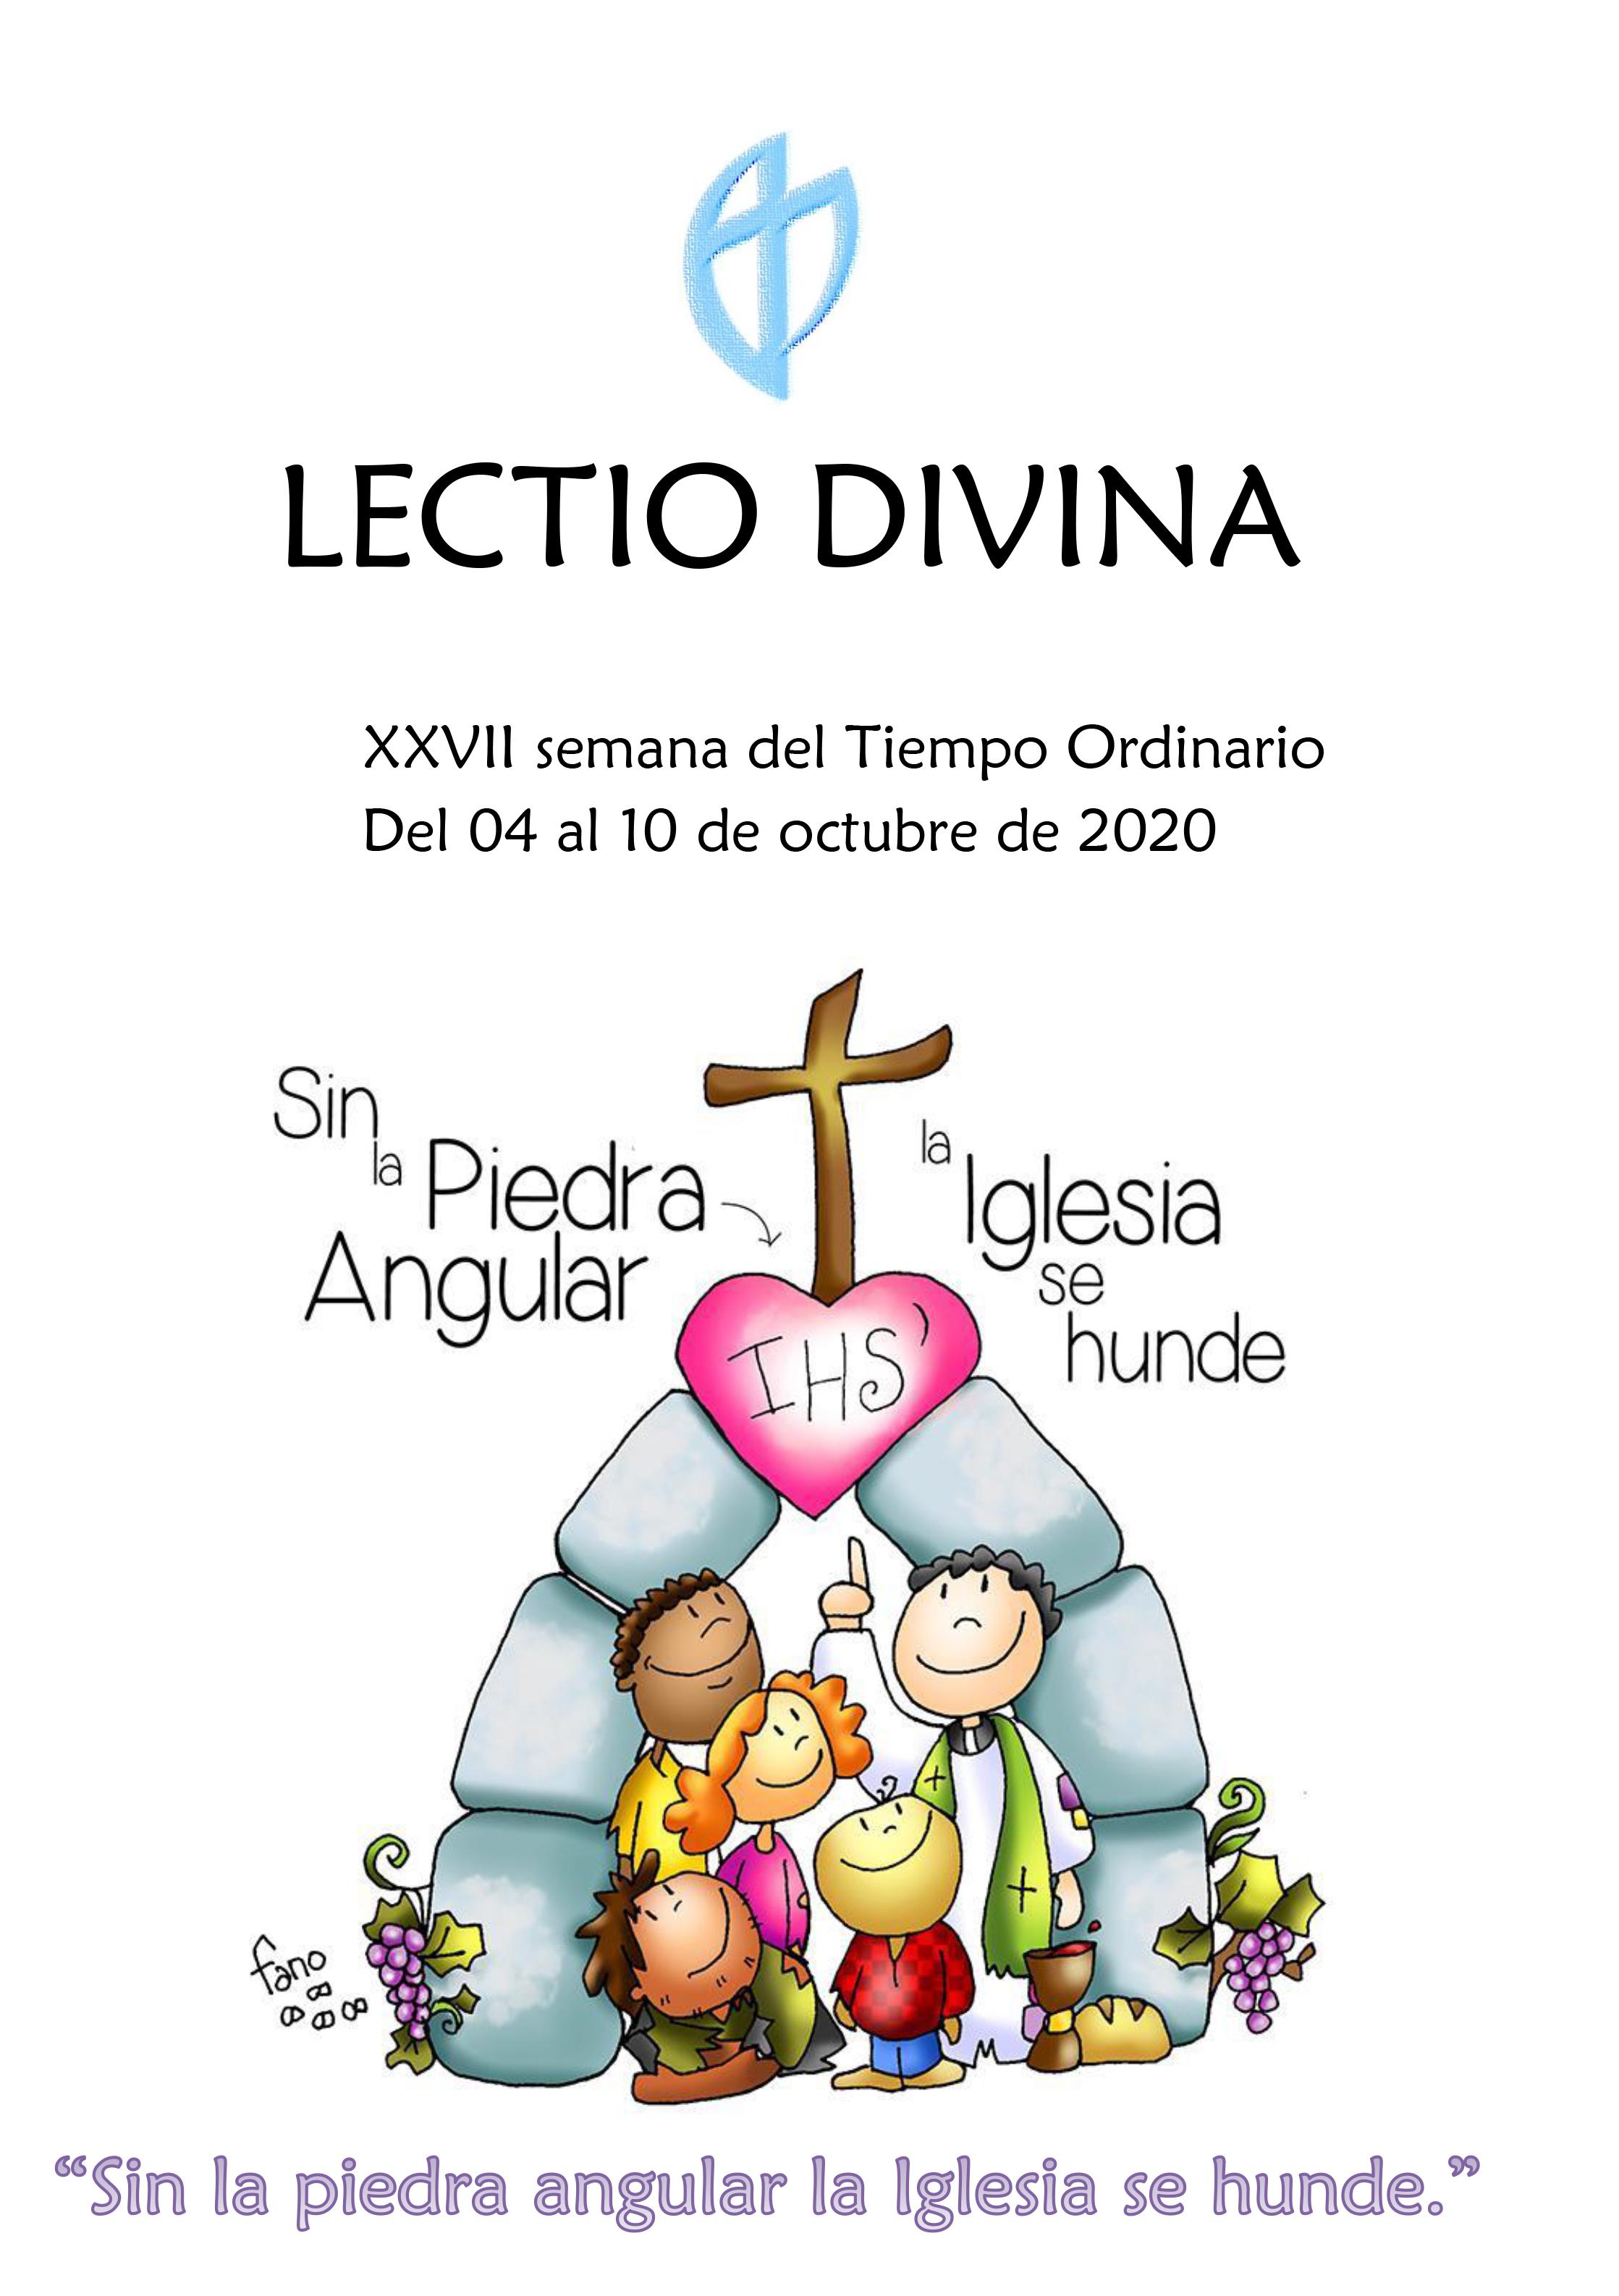 XXVII semana del Tiempo Ordinario (Del 04 al 10 de octubre de 2020)